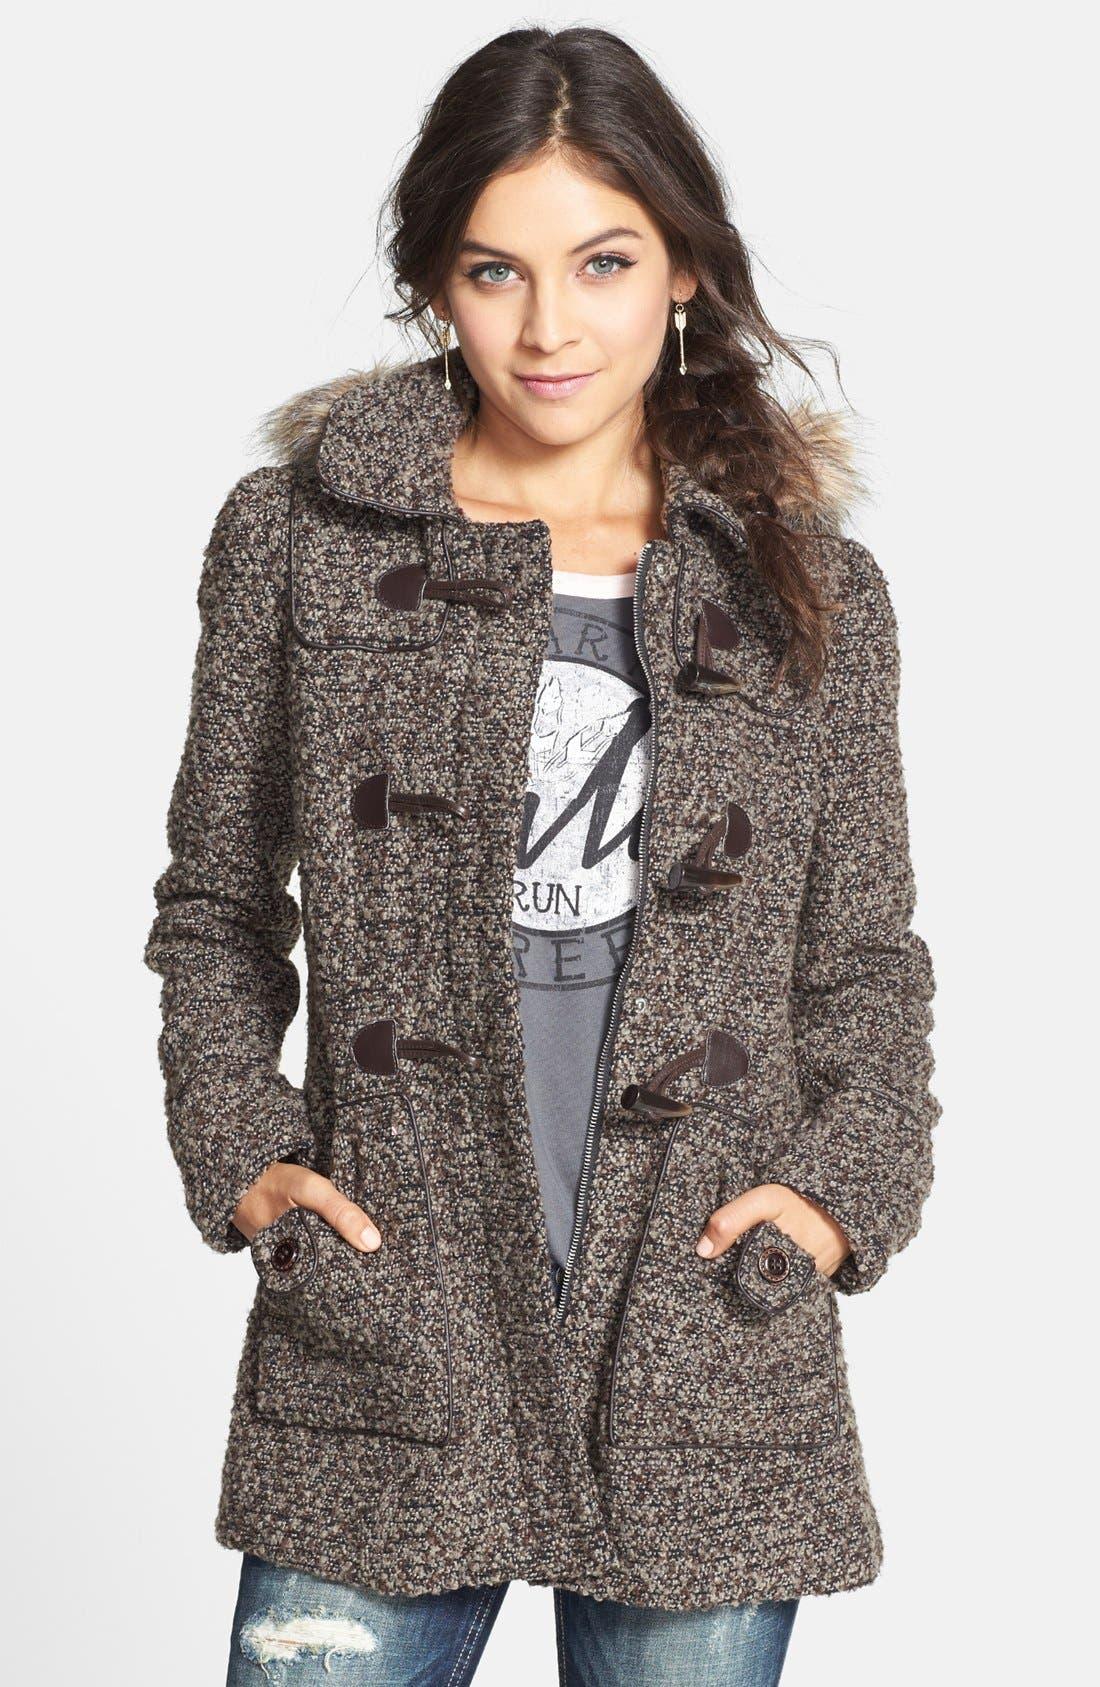 Alternate Image 1 Selected - Coffee Shop Faux Fur Trim Bouclé Toggle Coat (Juniors) (Online Only)